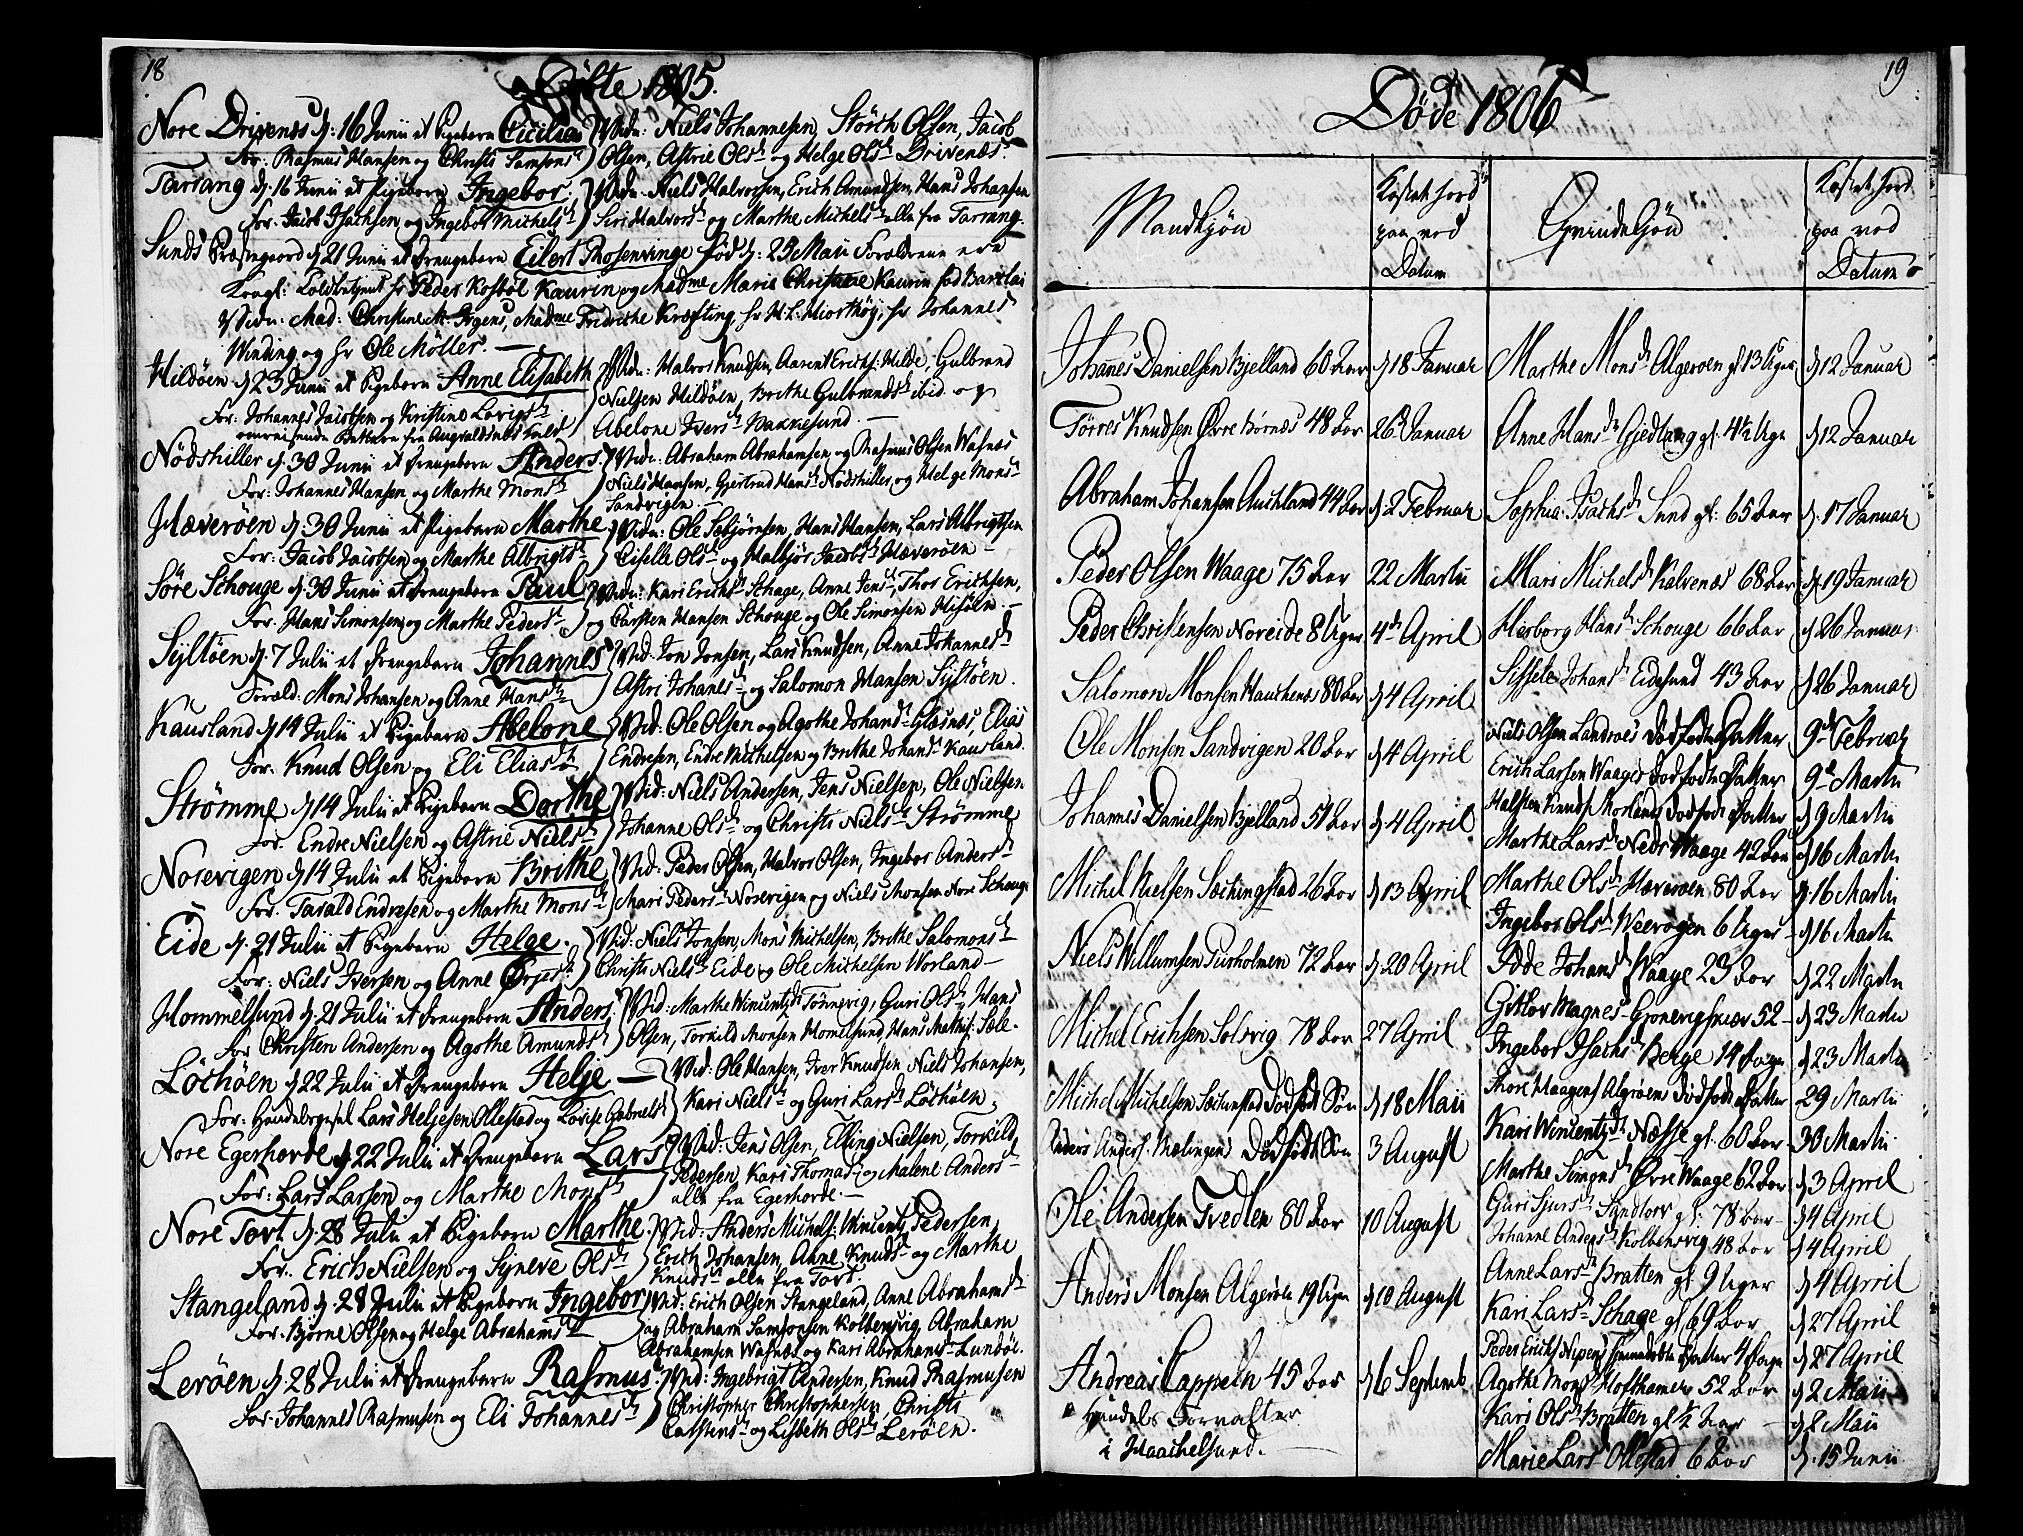 SAB, Sund sokneprestembete, Ministerialbok nr. A 10, 1804-1818, s. 18-19